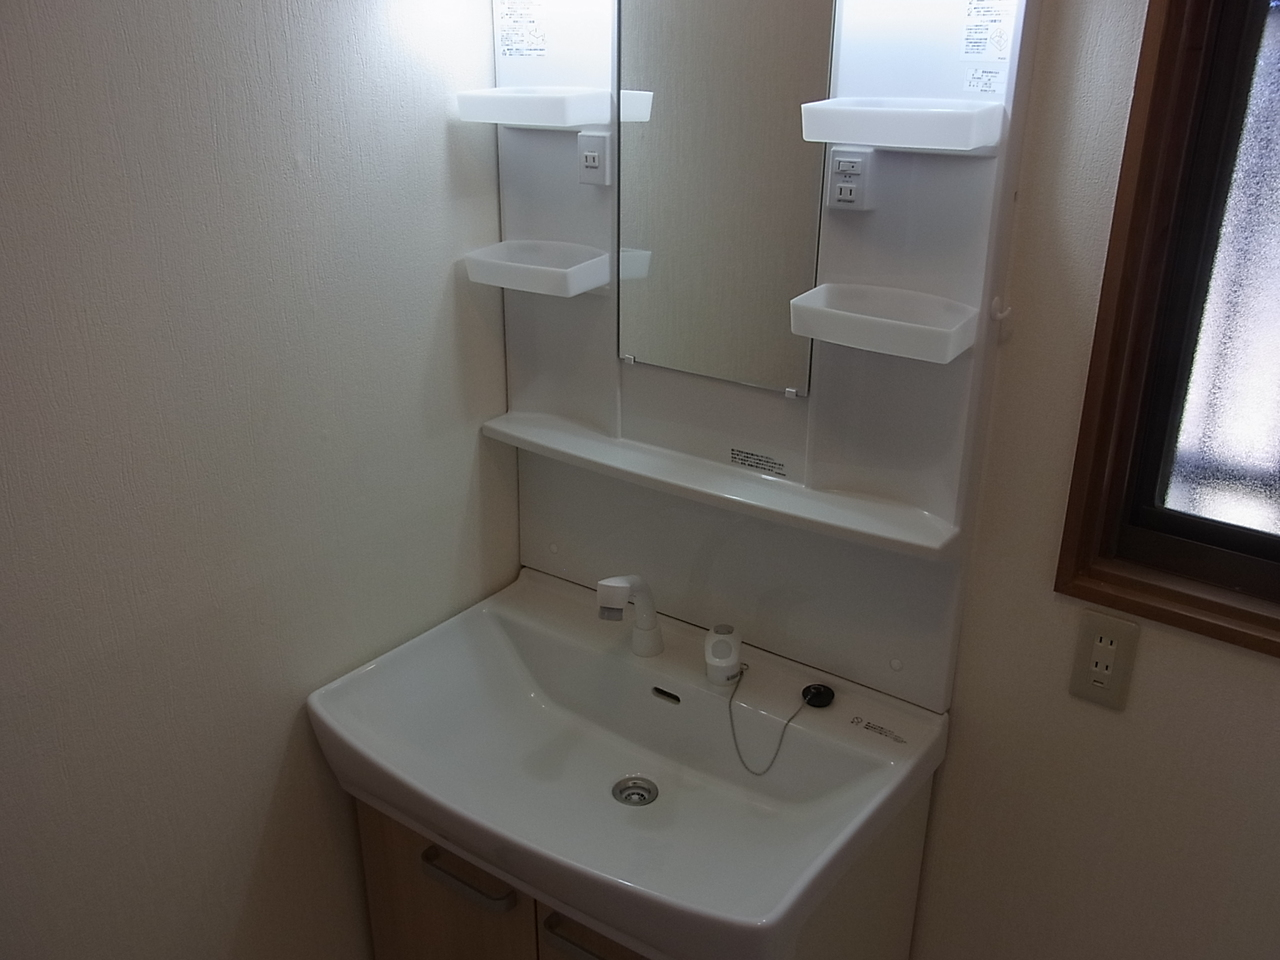 洗面台も新品です。毎朝の身支度も引き締まりそうですね!